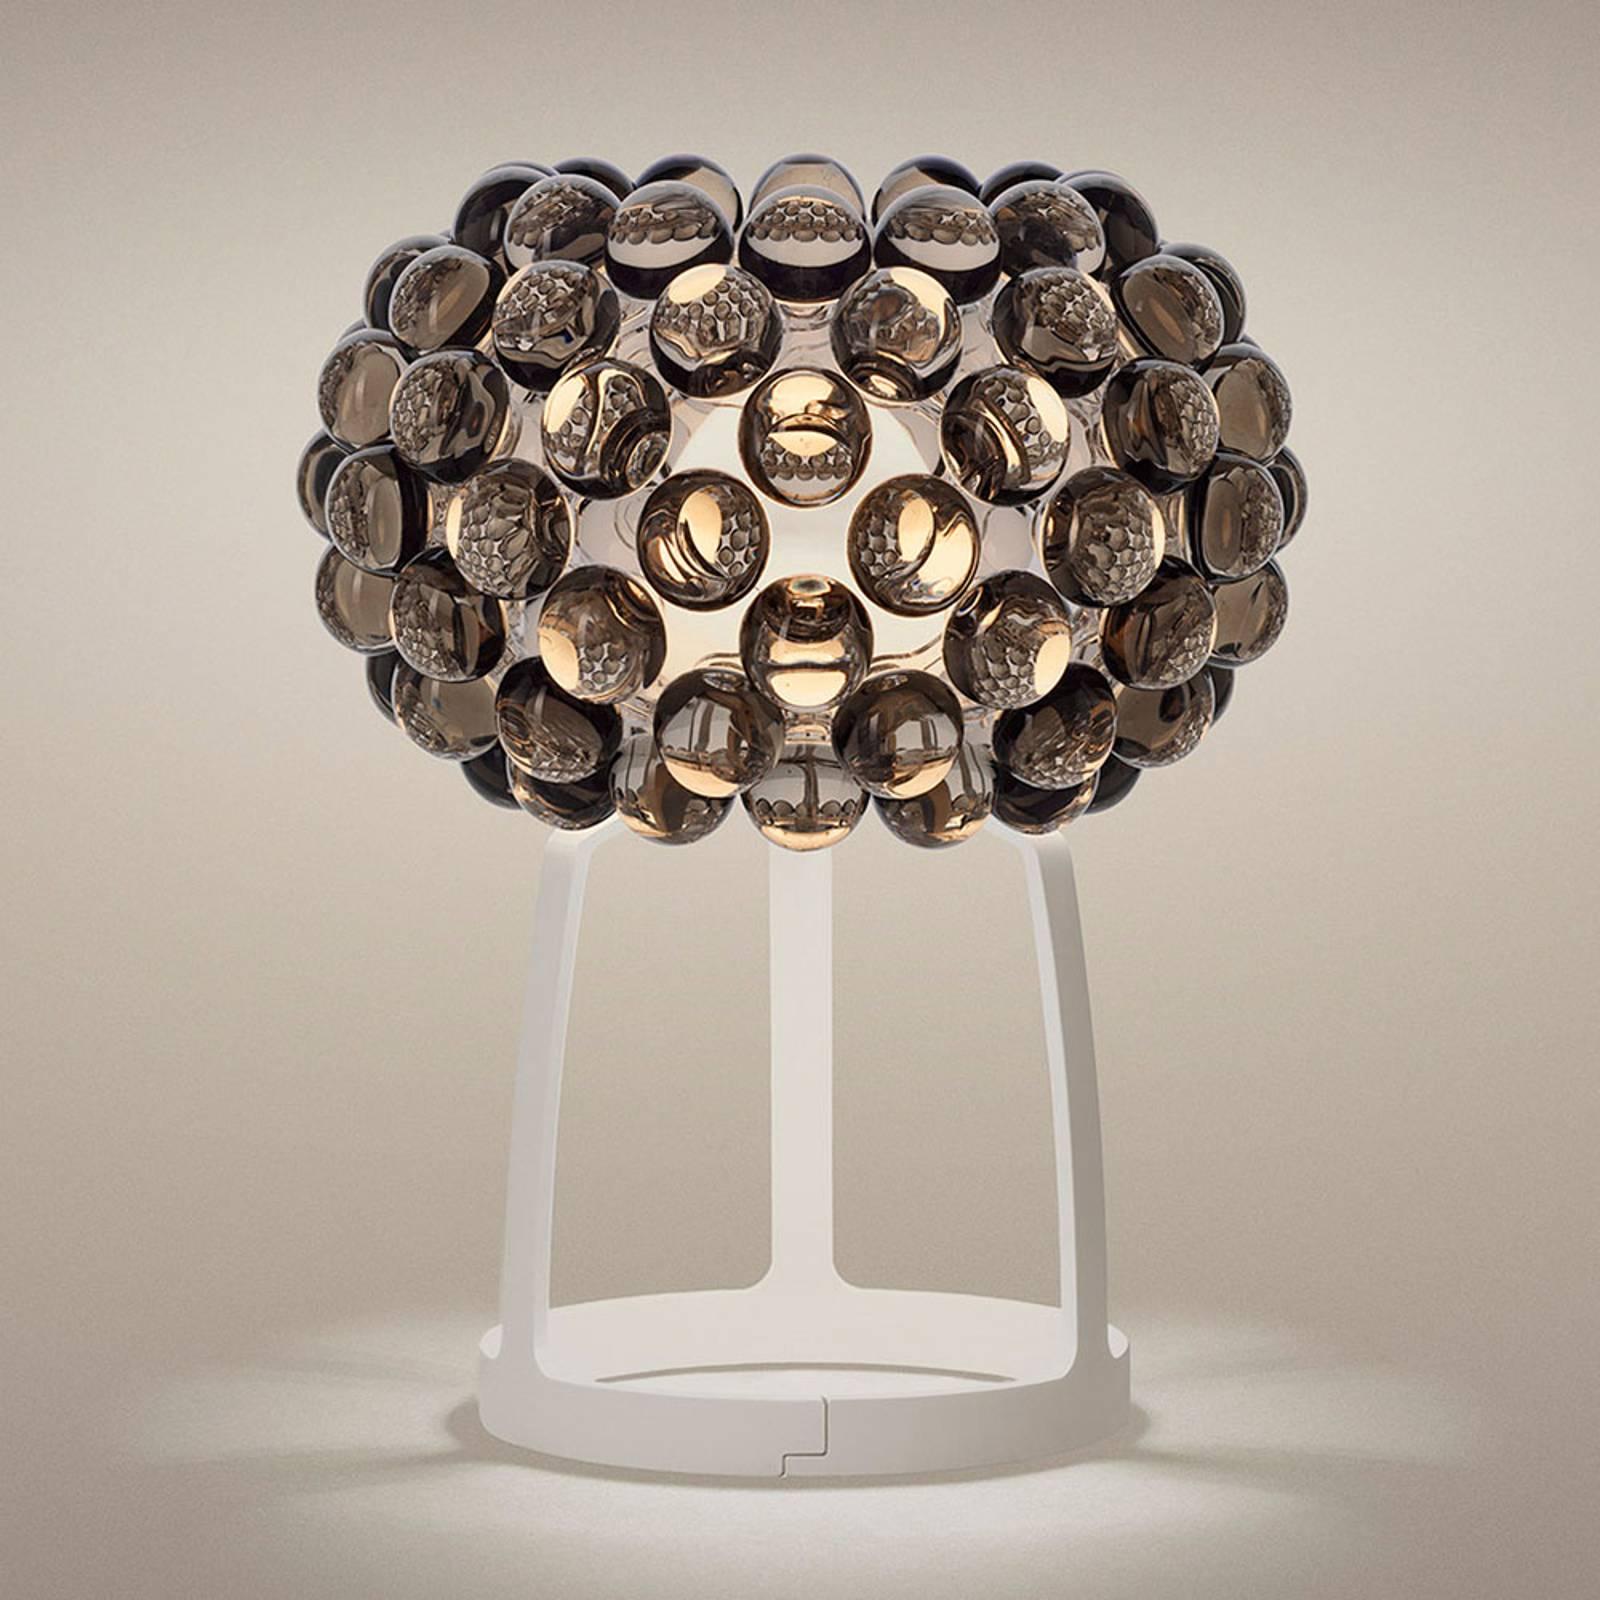 Foscarini Caboche Plus LED-Tischleuchte rauchgrau